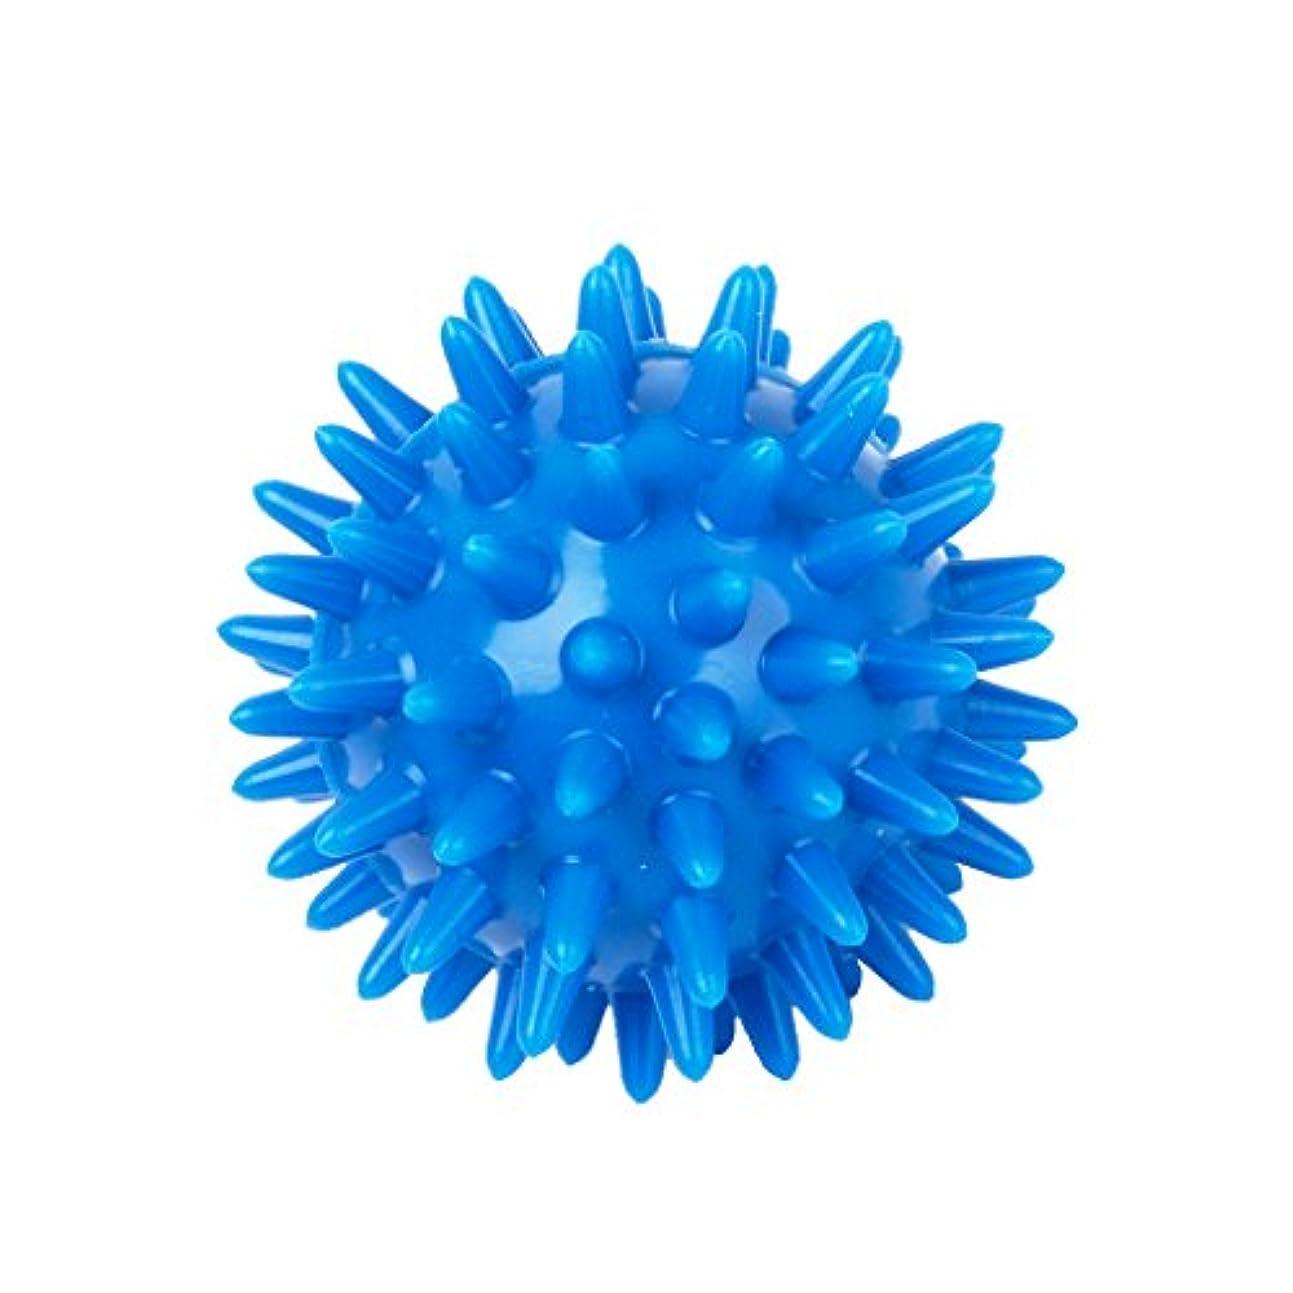 シンジケート入力回るPerfk PVC製 足用マッサージボール マッサージボール 筋肉 緊張和らげ  血液循環促進 5.5cm